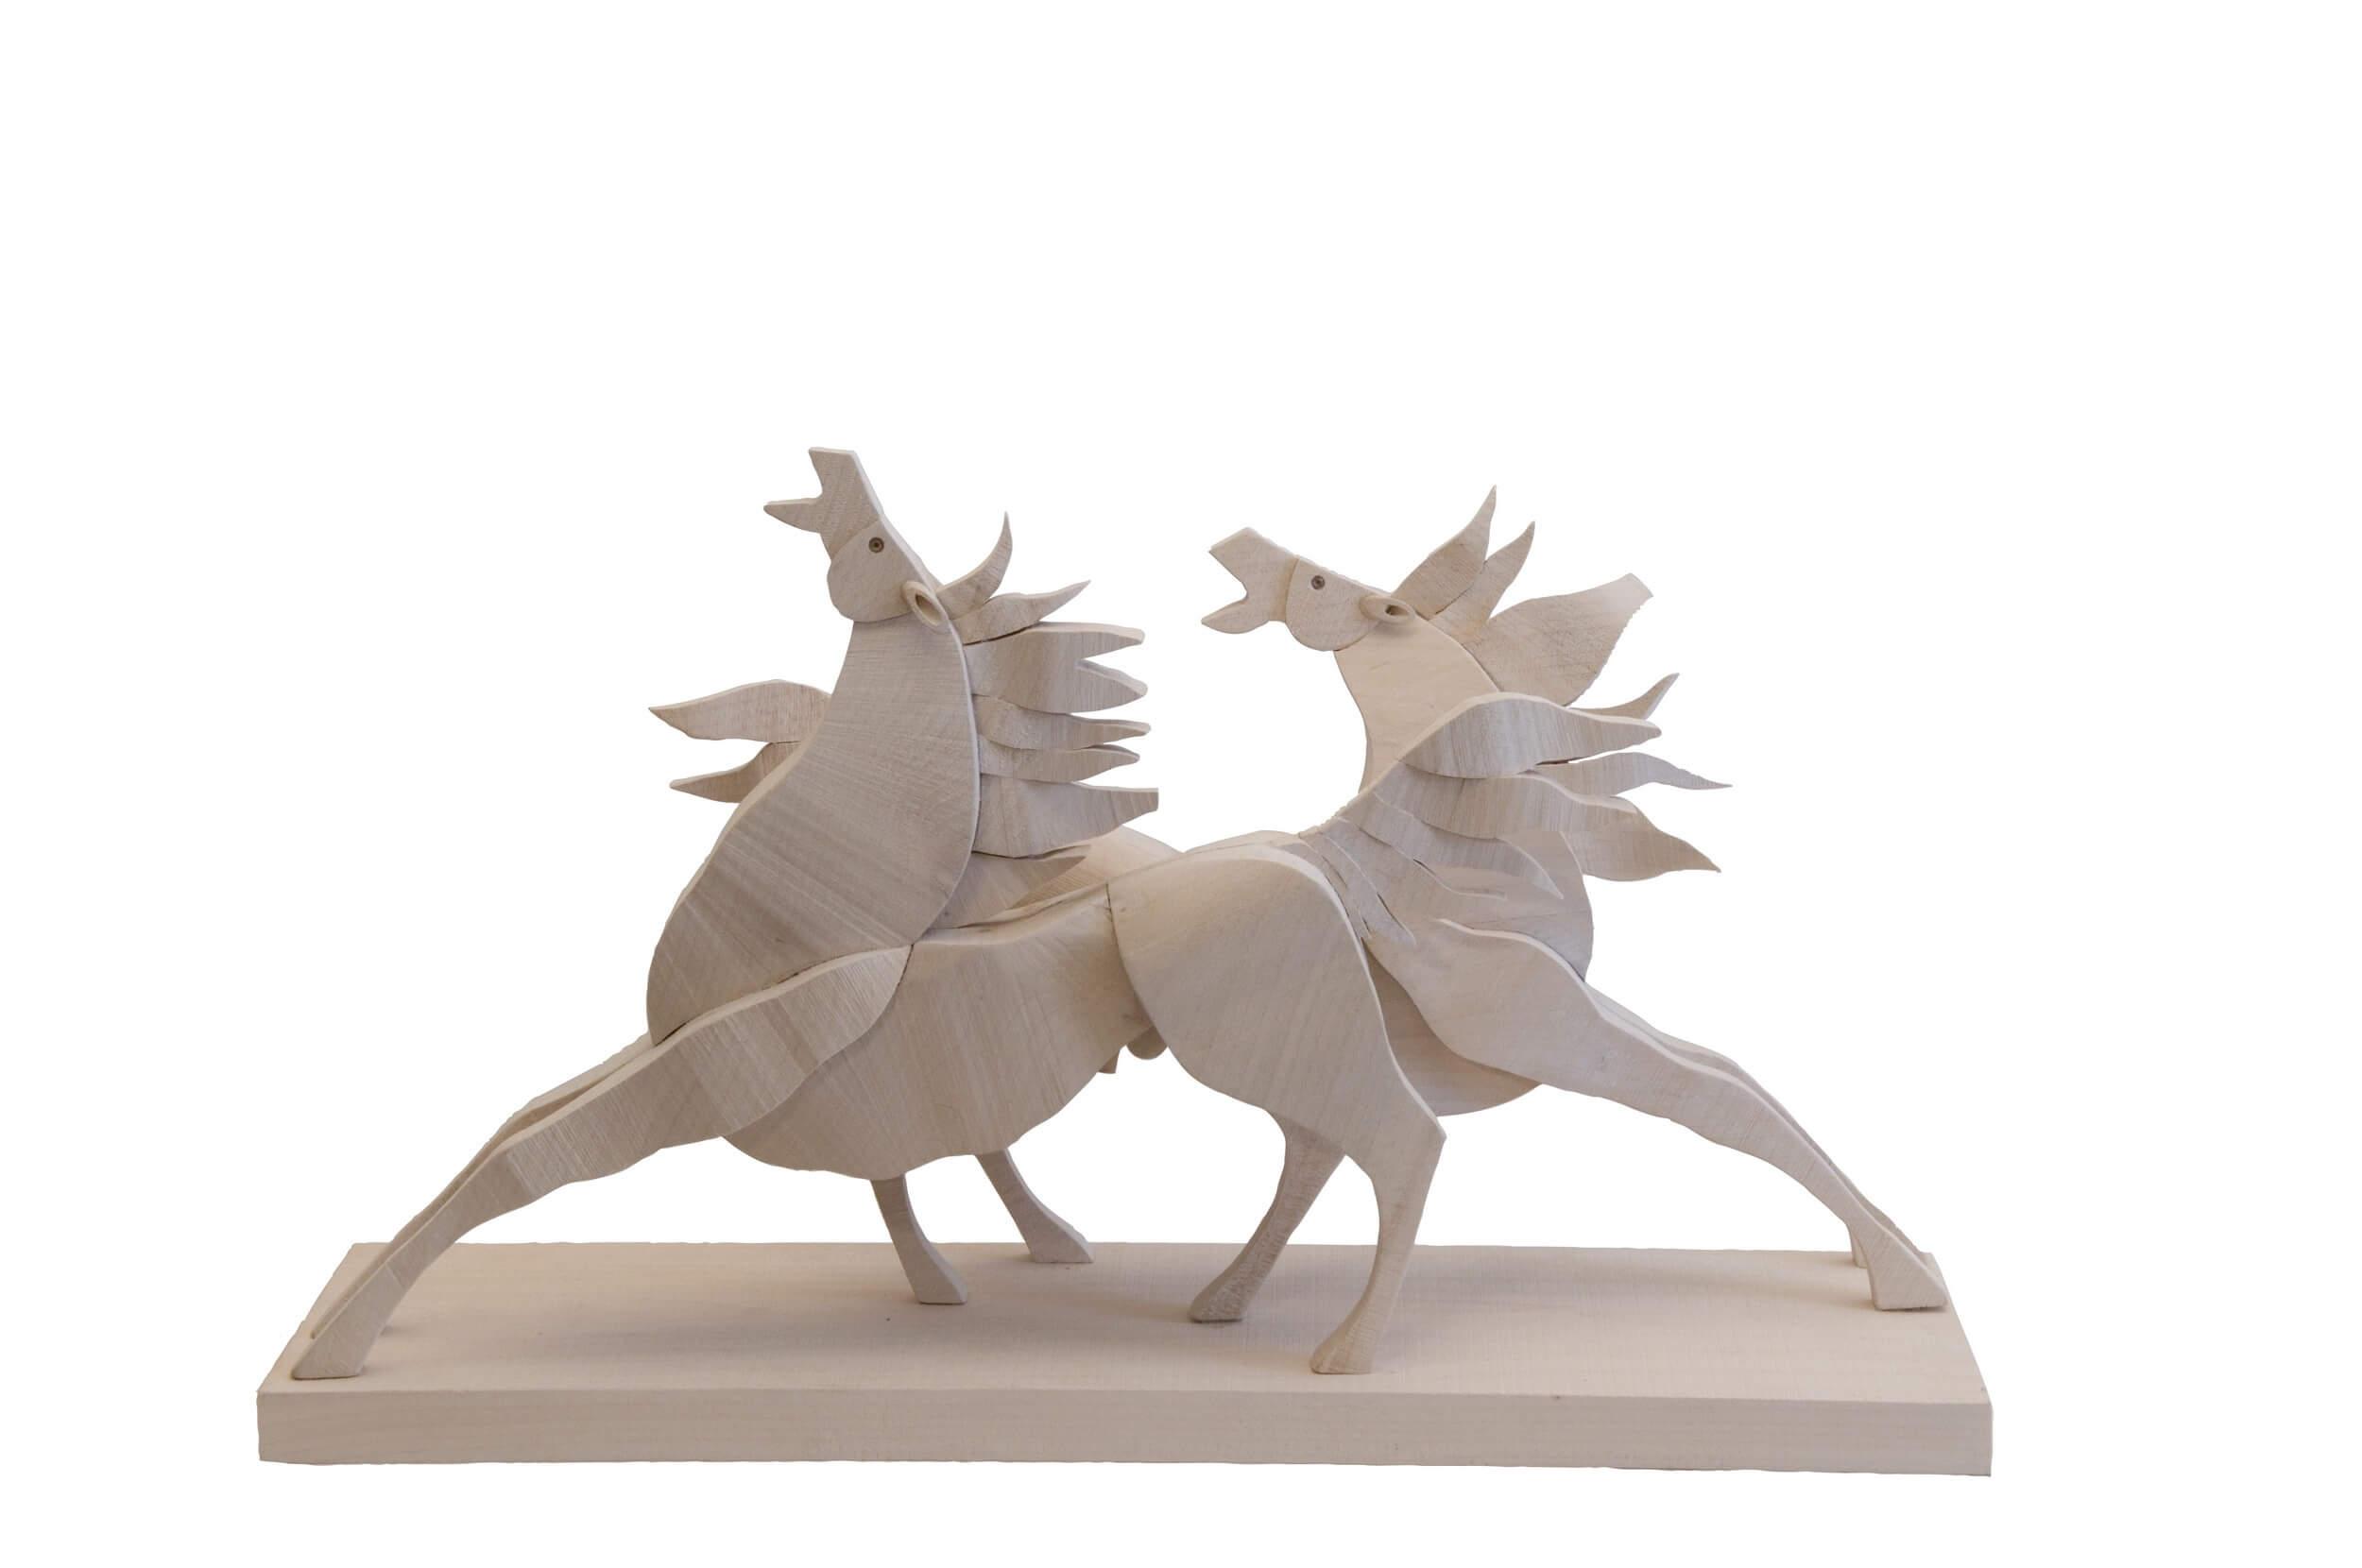 Scultura Guasina in legno - Soggetto Cavalli - Dimensione indicativa: 25 x 8 x 35 cm